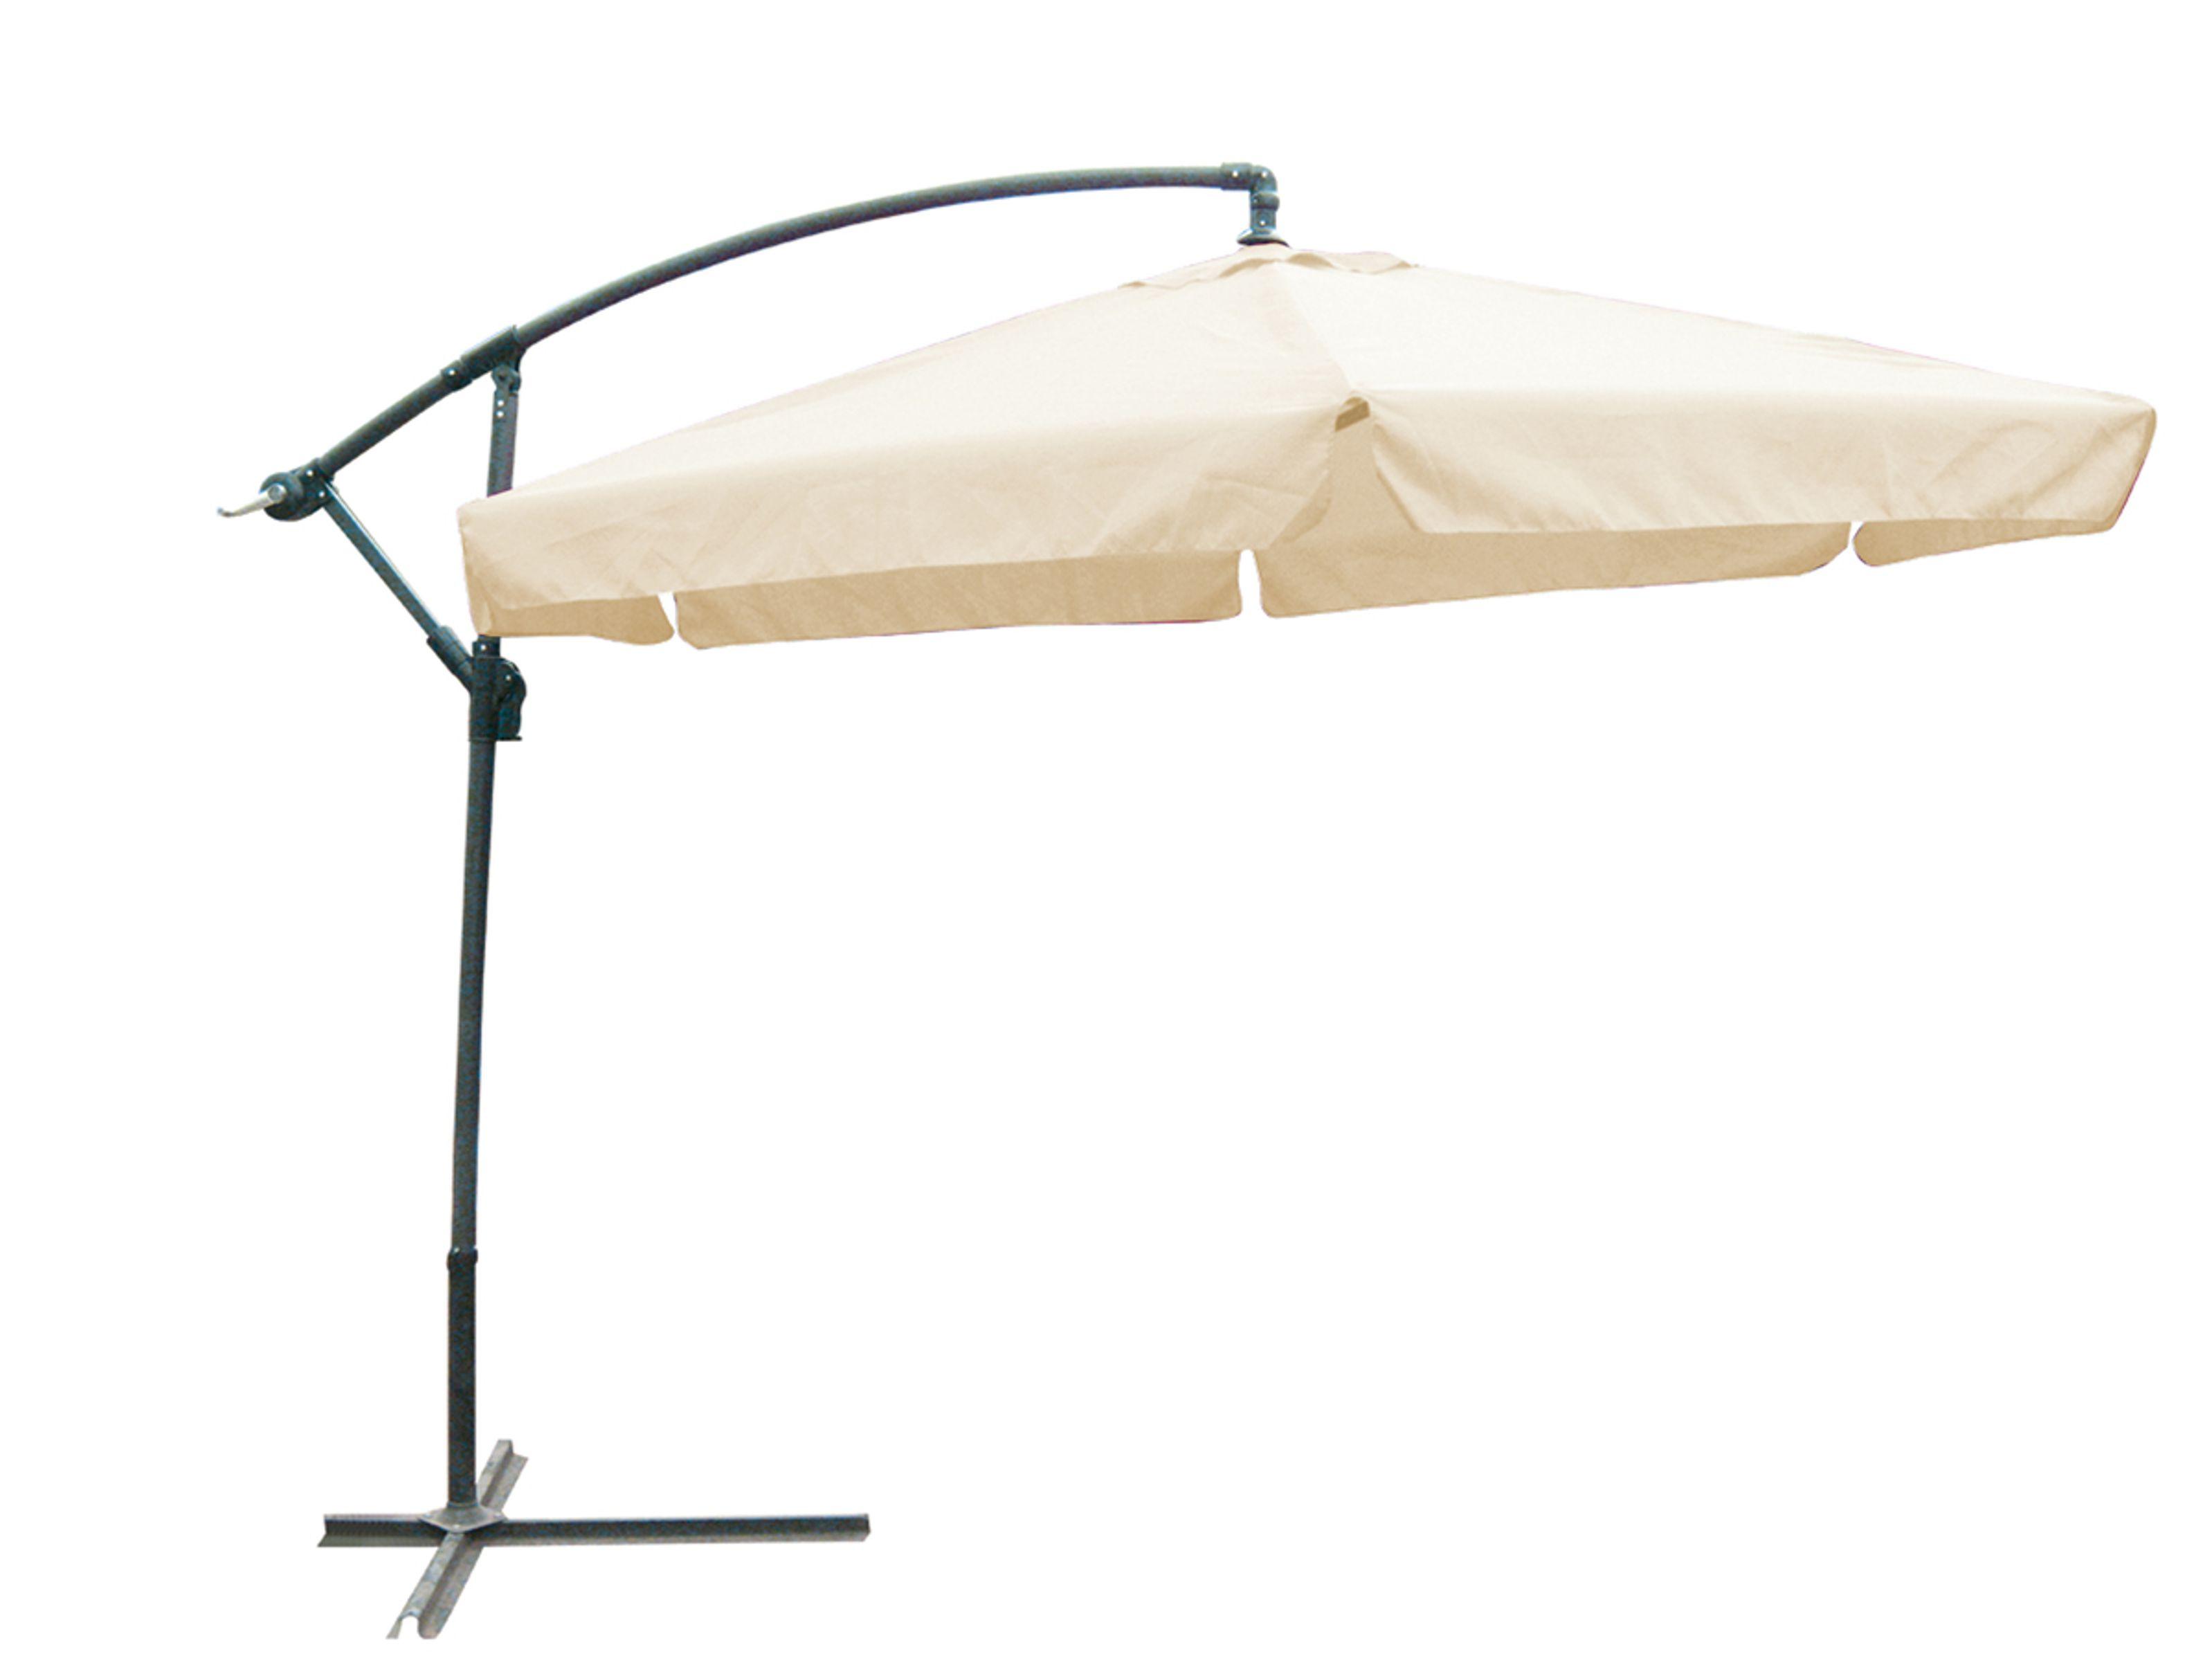 ampelschirm sonnenschirm sonnenschutz gartenschirm mit fu creme 300 cm ebay. Black Bedroom Furniture Sets. Home Design Ideas